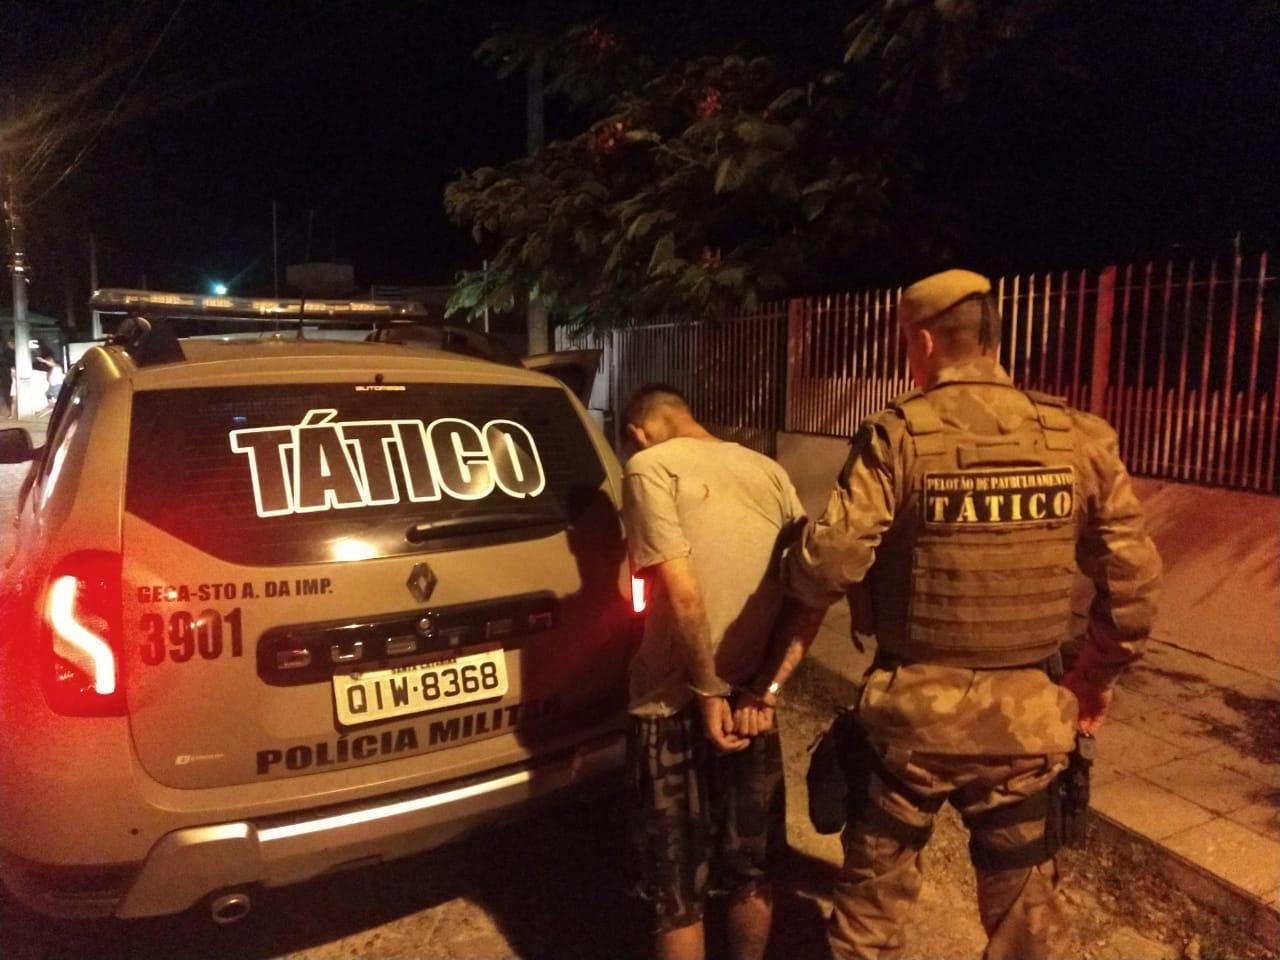 Polícia Militar prendeu dois dos envolvidos em roubo à distribuidora de bebidas em Alfredo Wagner